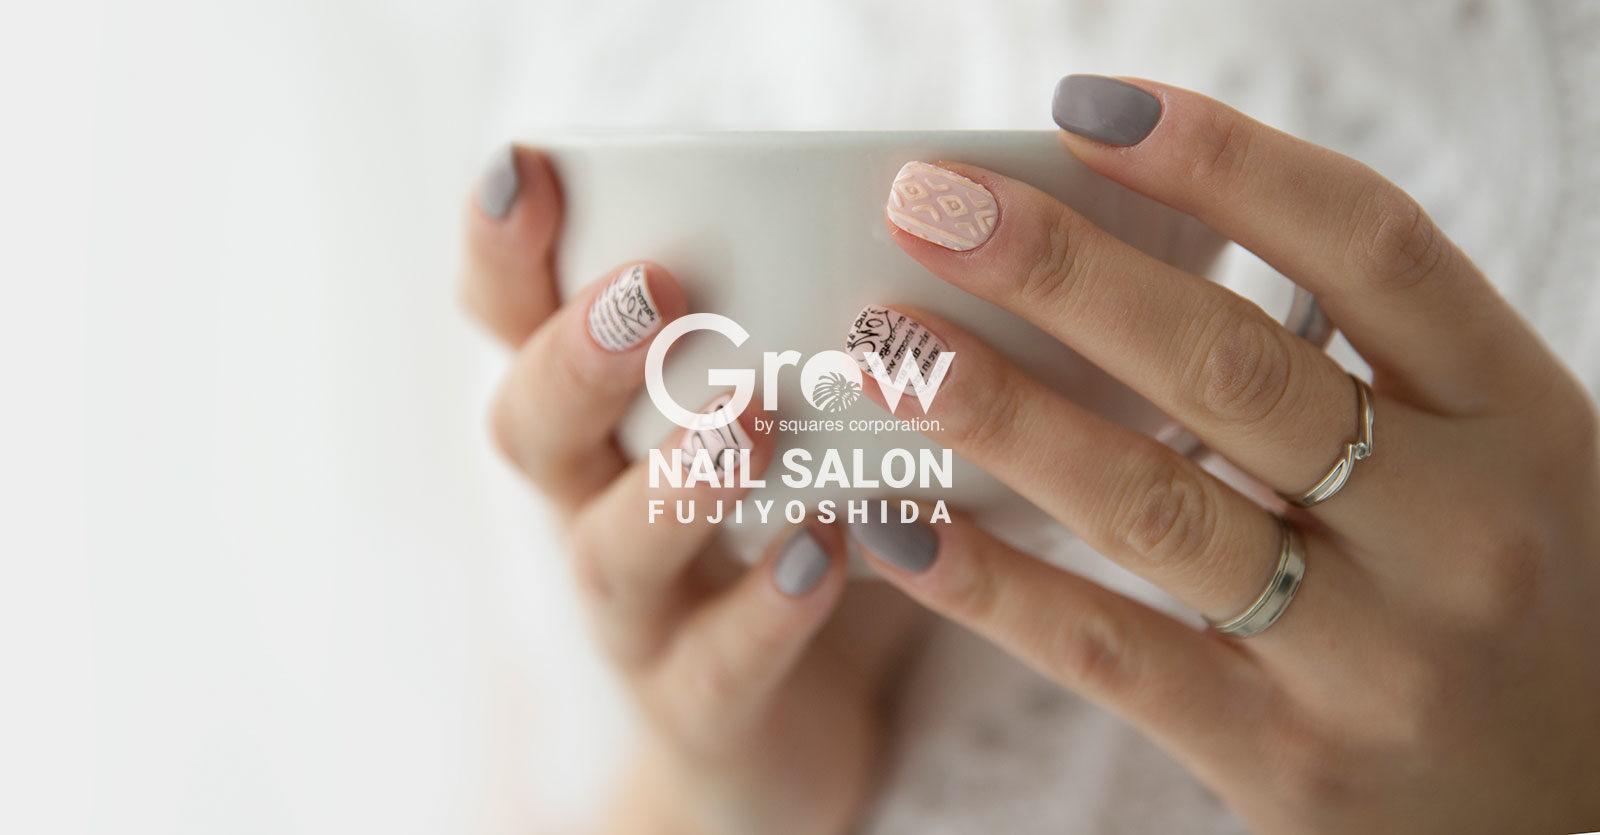 ネイルサロン&美容室 Grow(グロウ)- 山梨|富士吉田・河口湖・山中湖